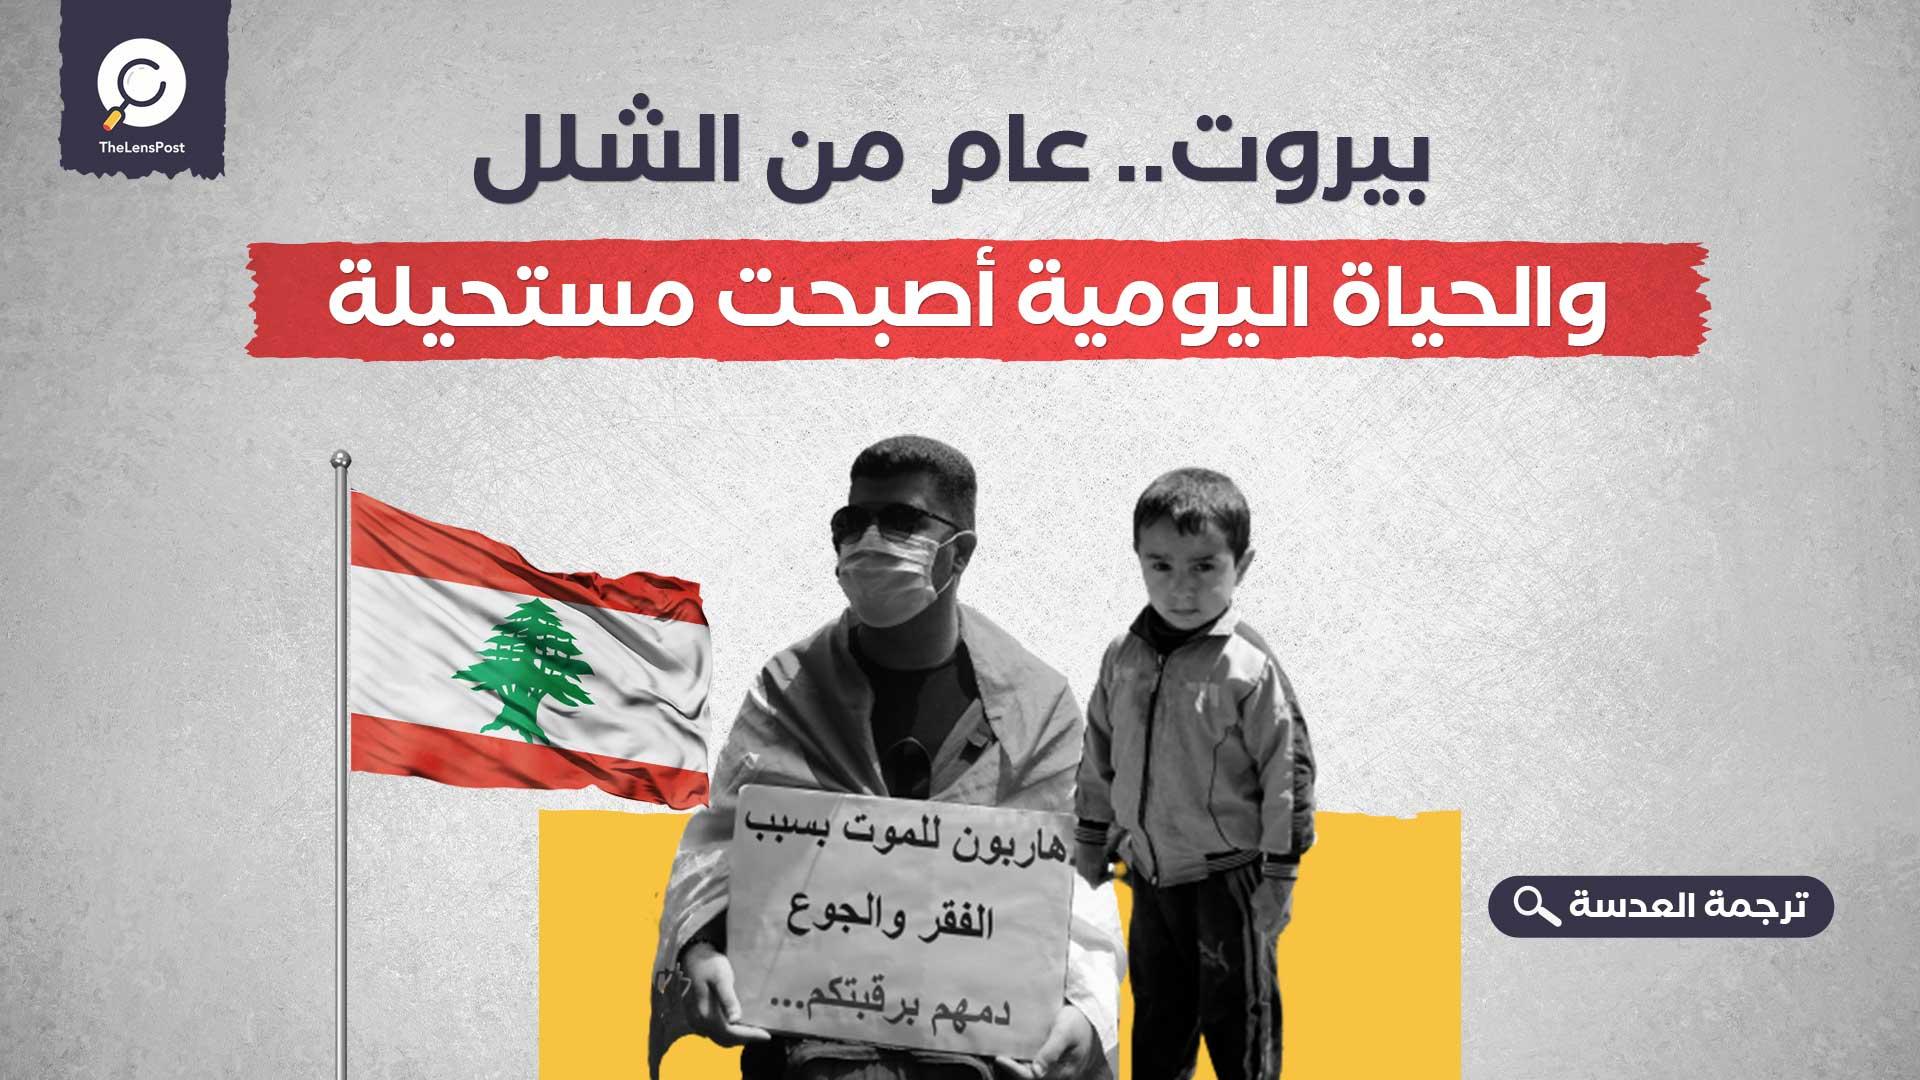 بيروت.. عام من الشلل والحياة اليومية أصبحت مستحيلة